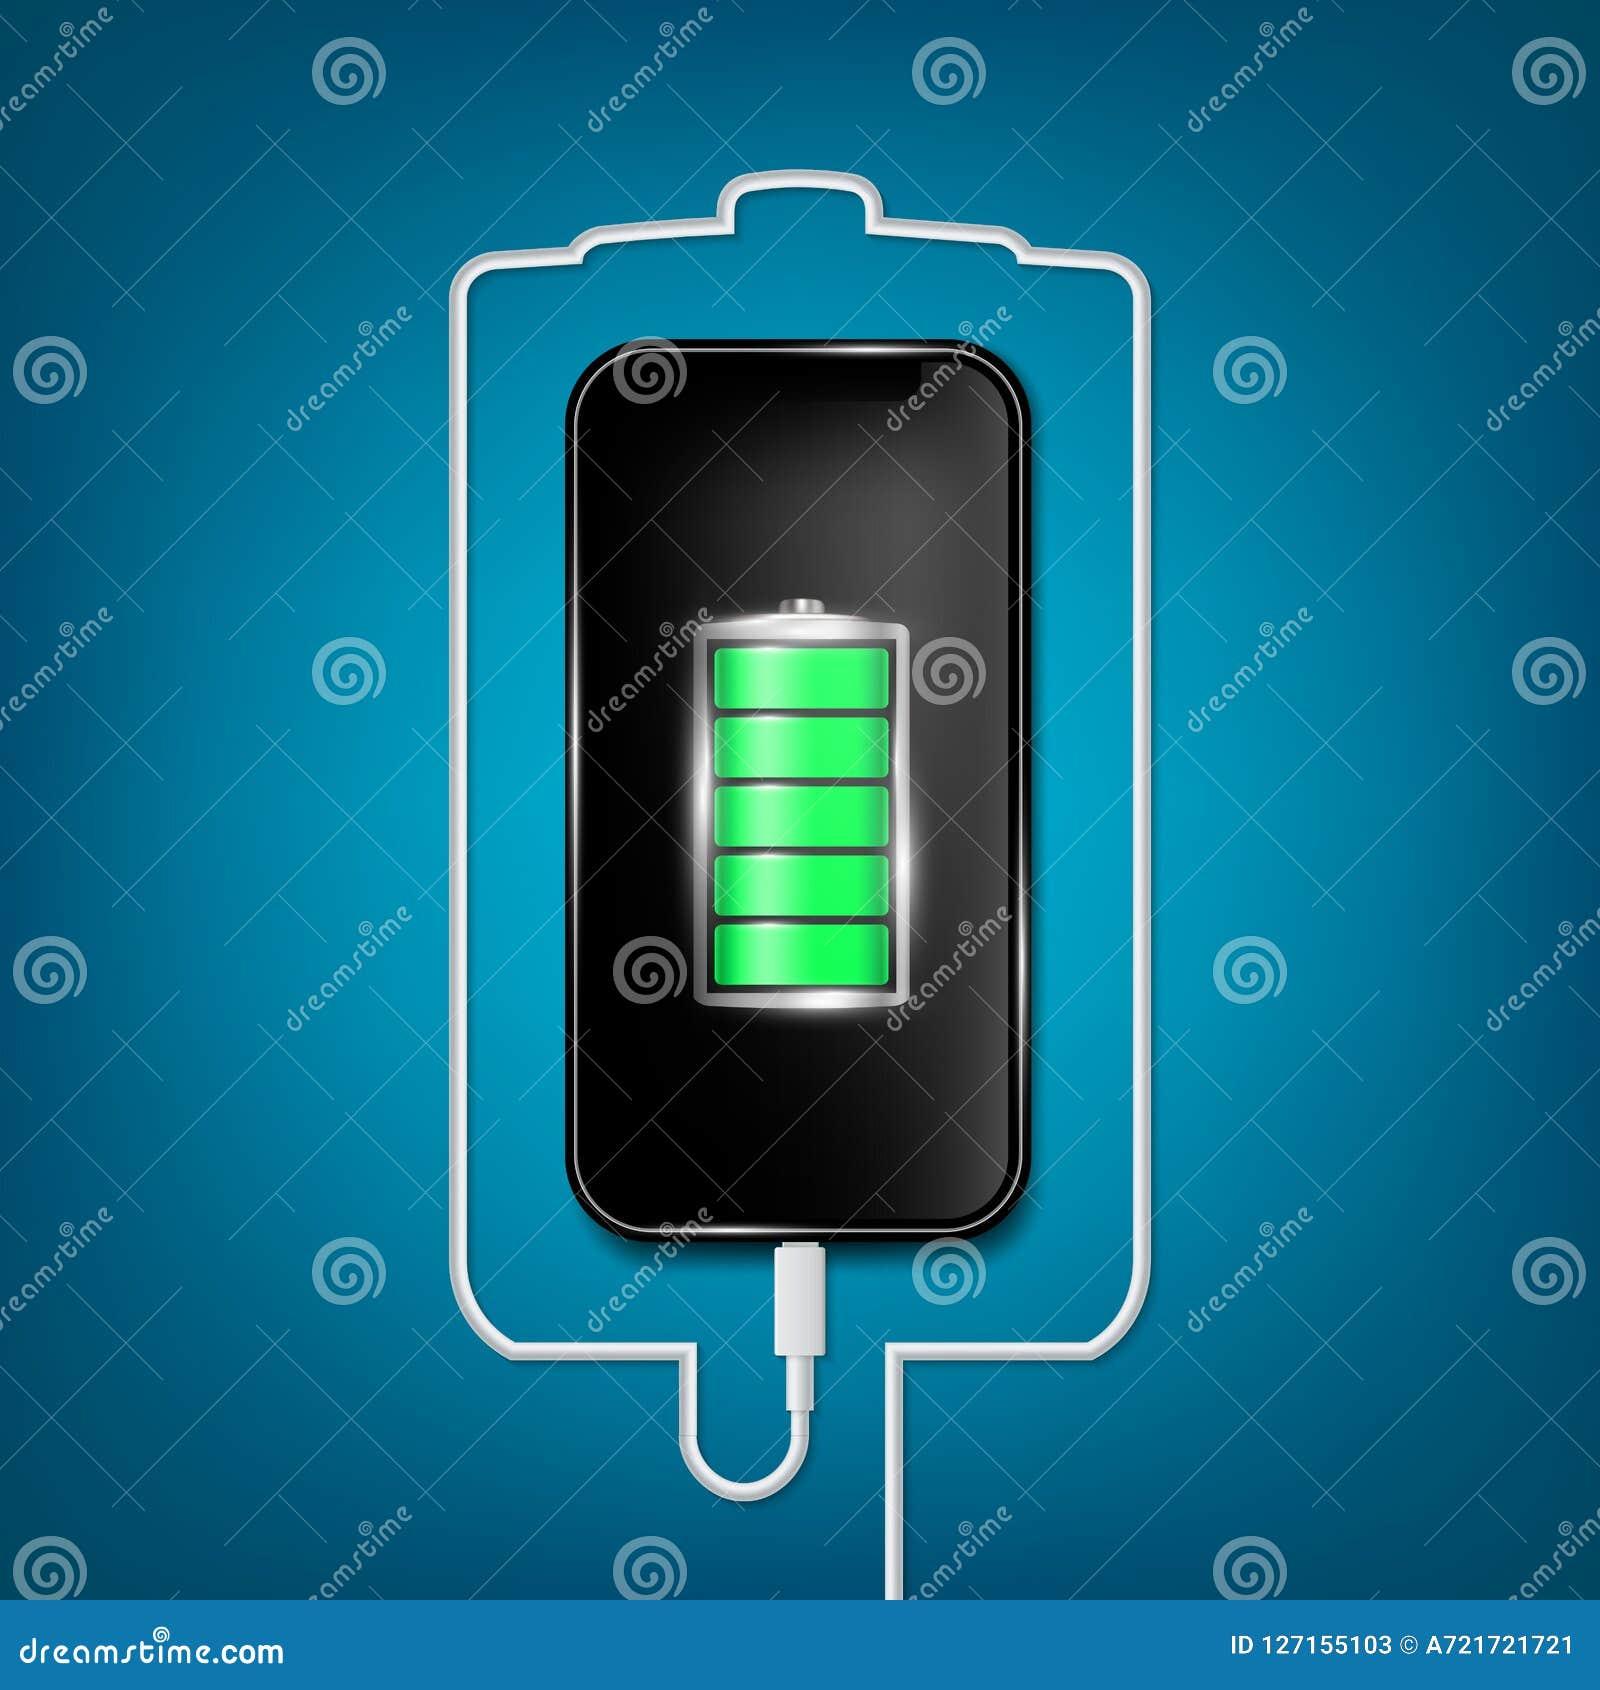 Kreative Vektorillustration vollen belasteten Batterie Smartphone mit Mobiltelefon usb verstopft das Kabel, das auf Hintergrund l